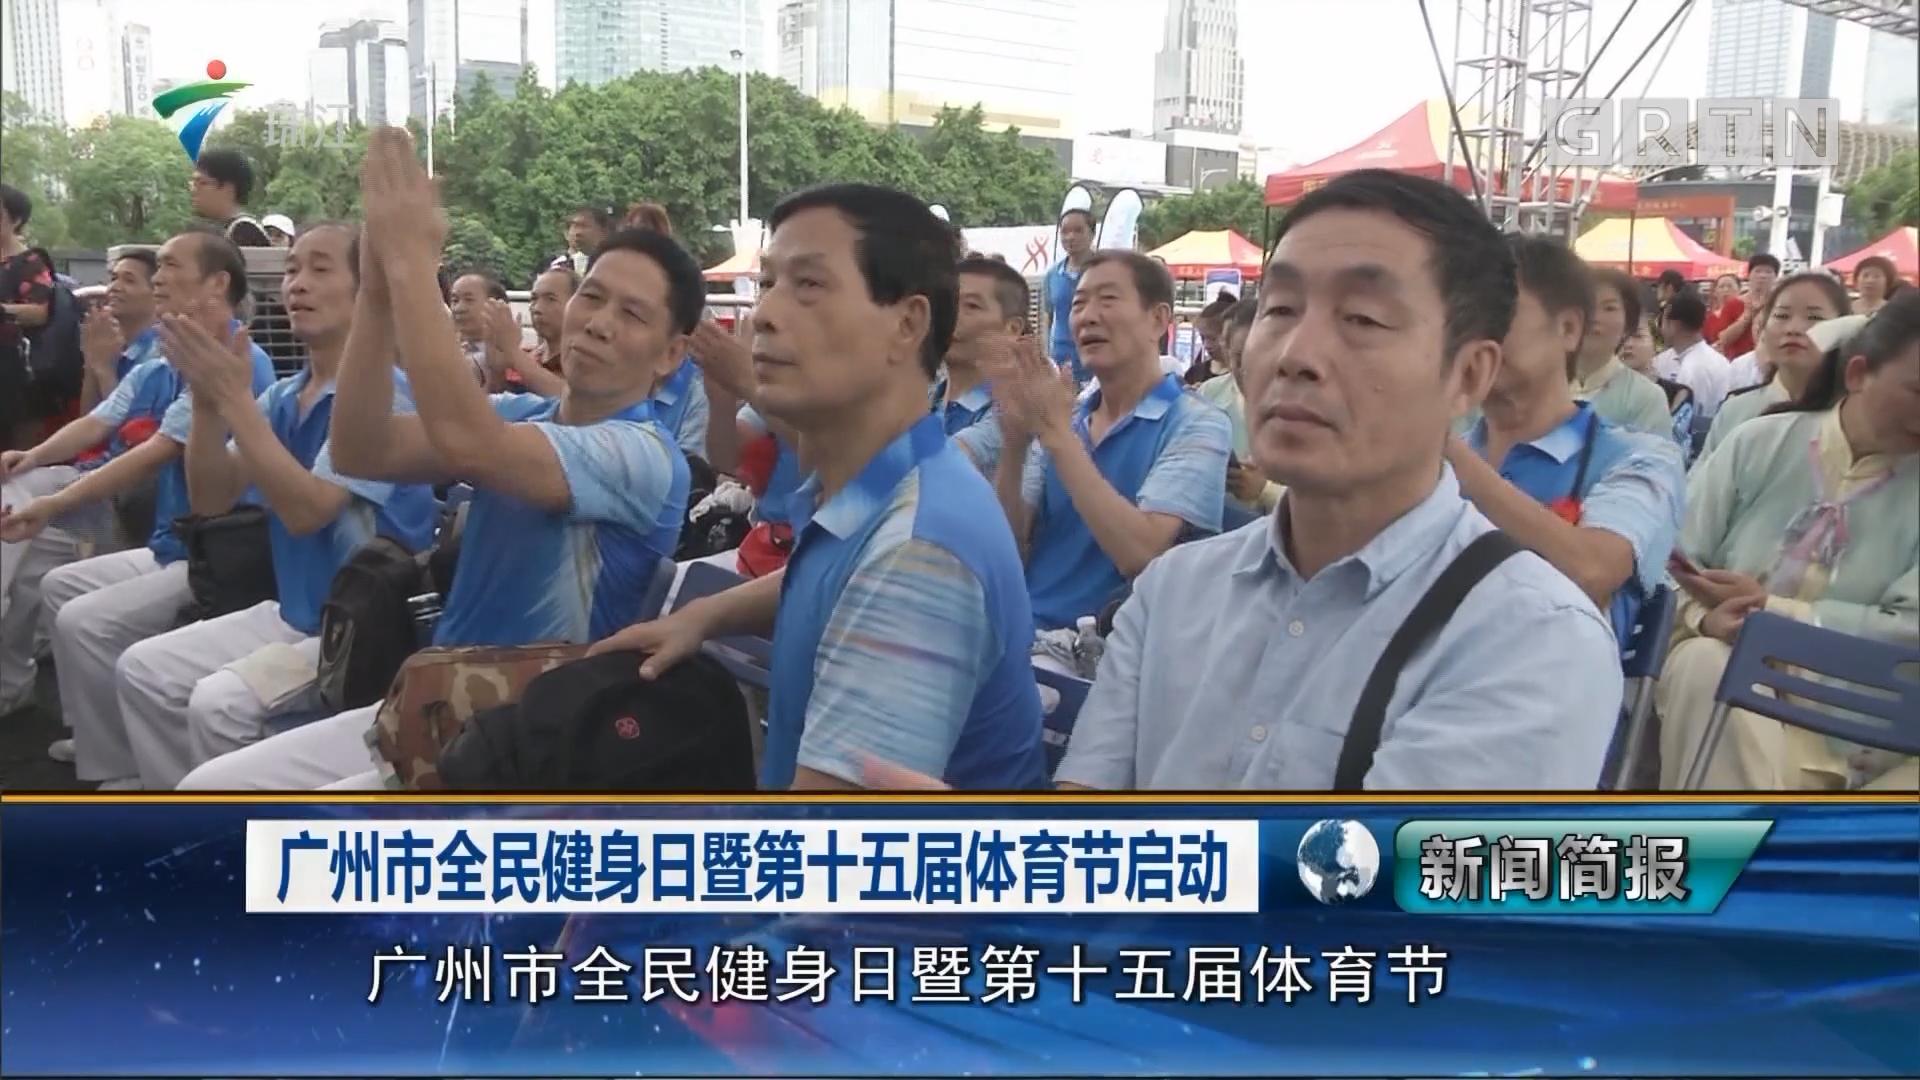 广州市全民健身日暨第十五届体育节启动